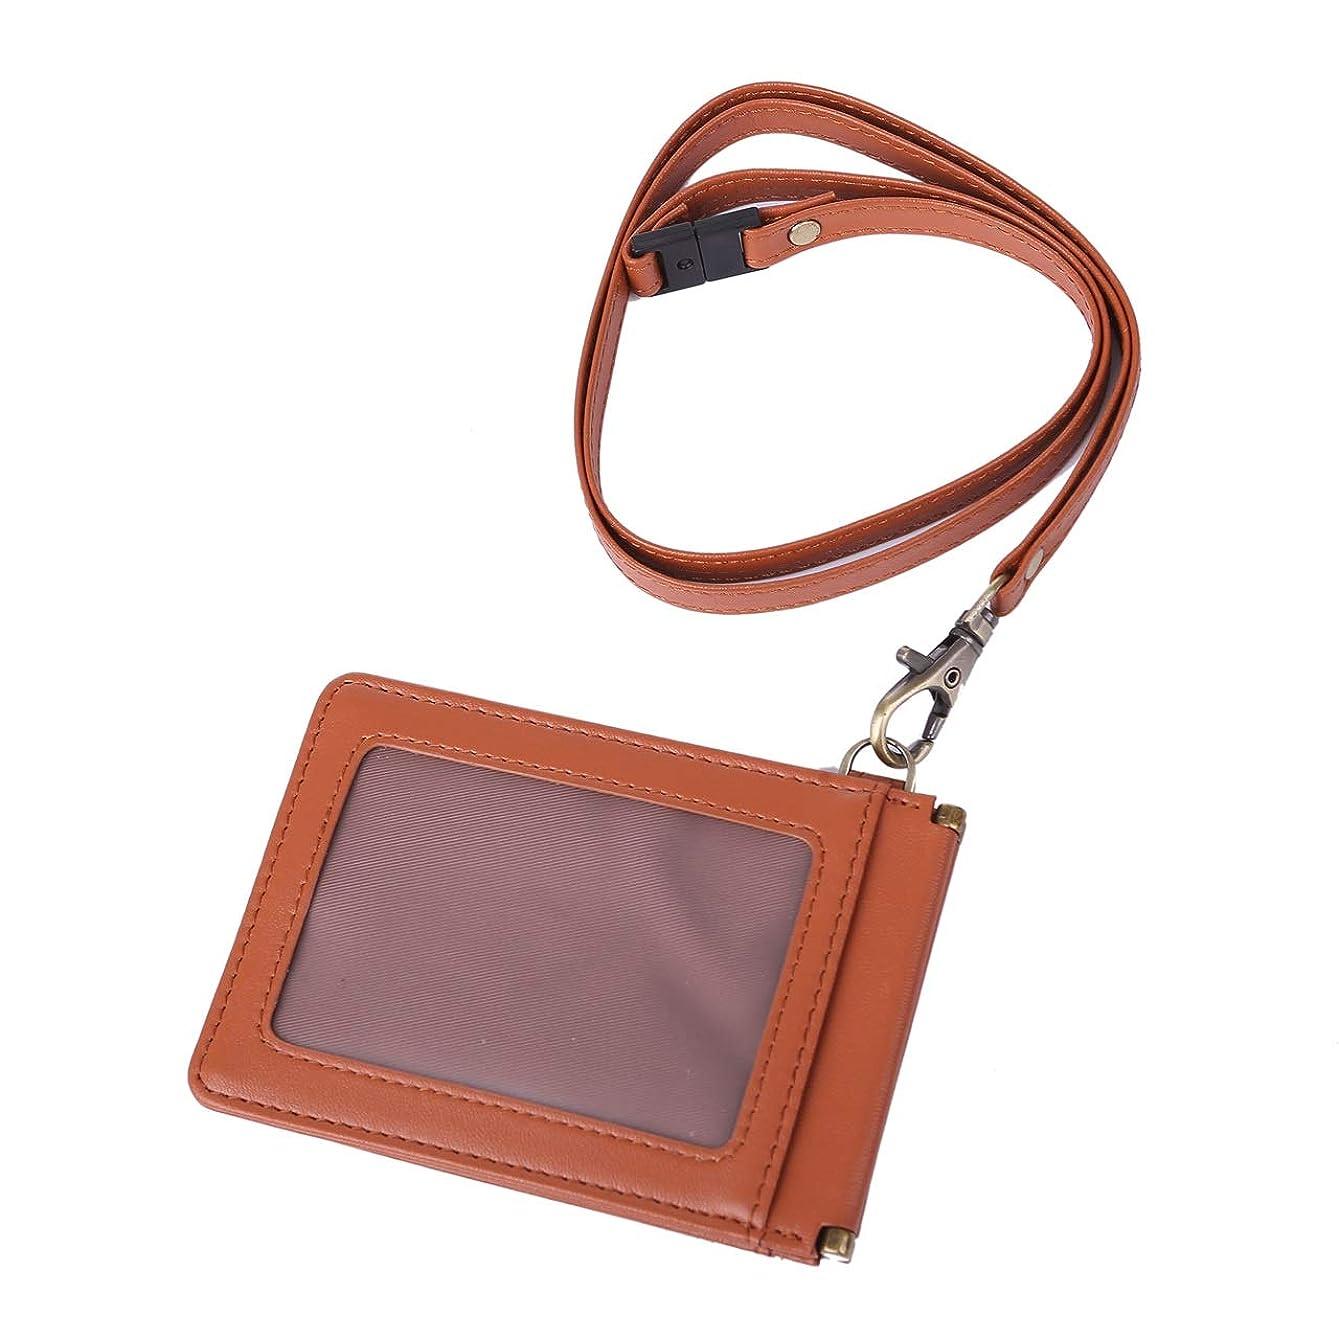 ばかシットコム一般モノボックスジャパン パスケース 定期入れ ICカード2枚使用可能バタフライタイプ 5ポケット 首下げOK pc-mono1